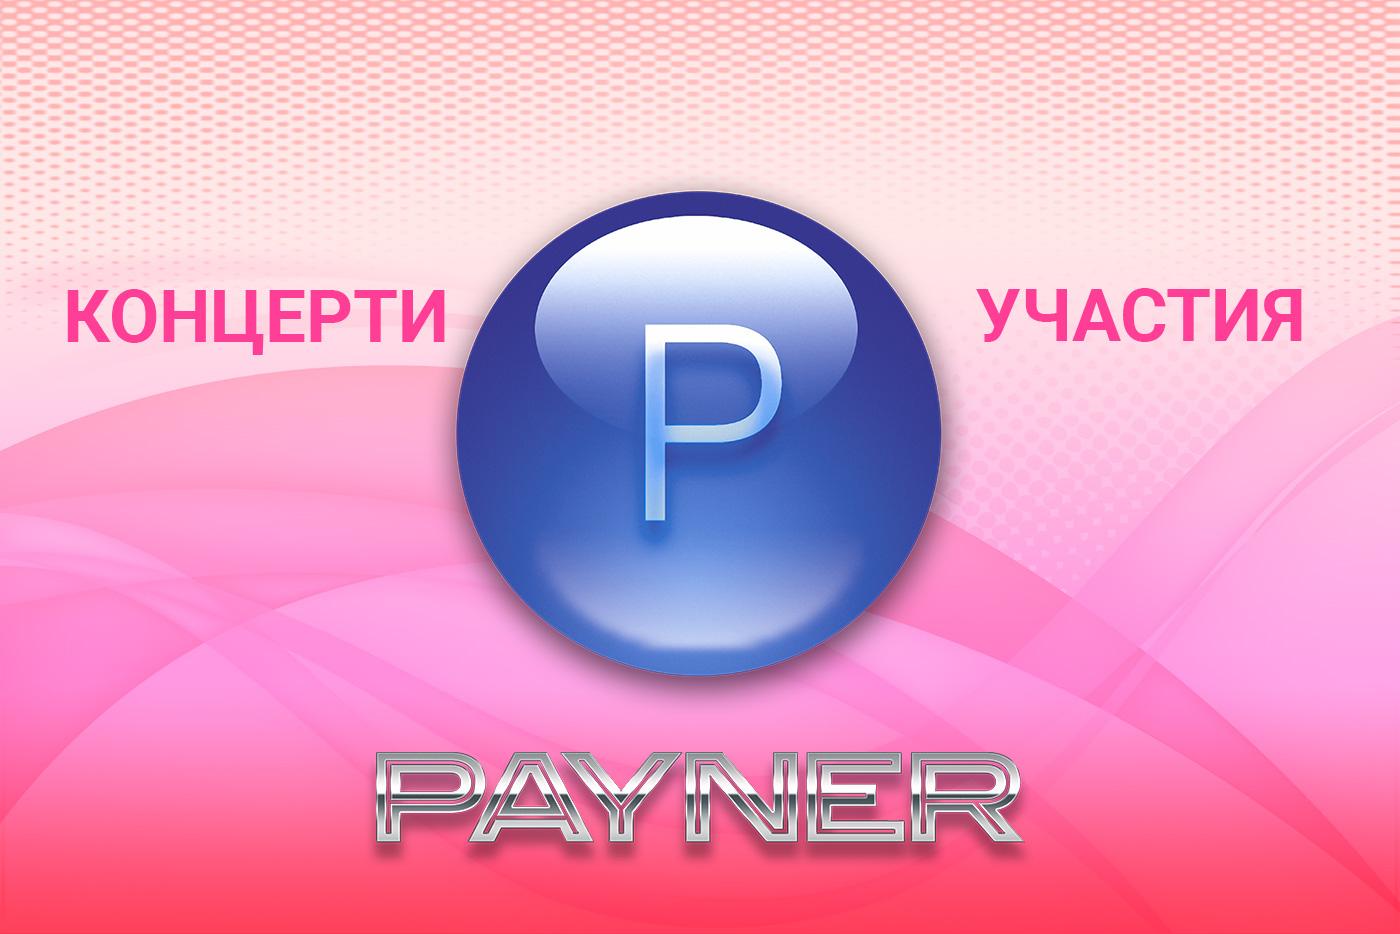 """Участия на звездите на """"Пайнер"""" на 10.11.2019"""